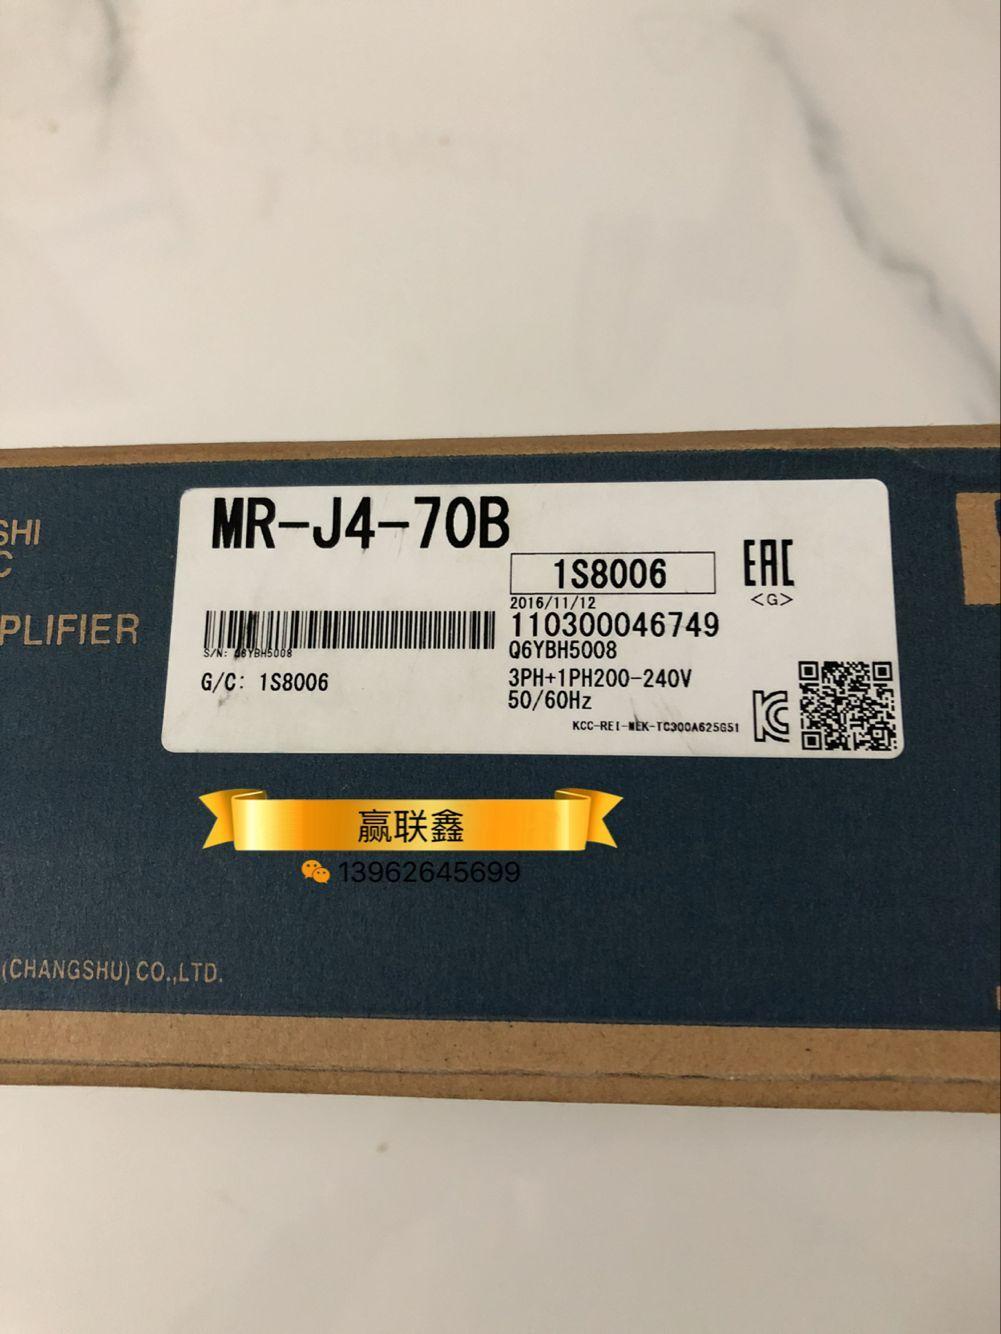 [리퍼]미쓰비시 서보 드라이브 MR-J4-70B/-[559ki1088]